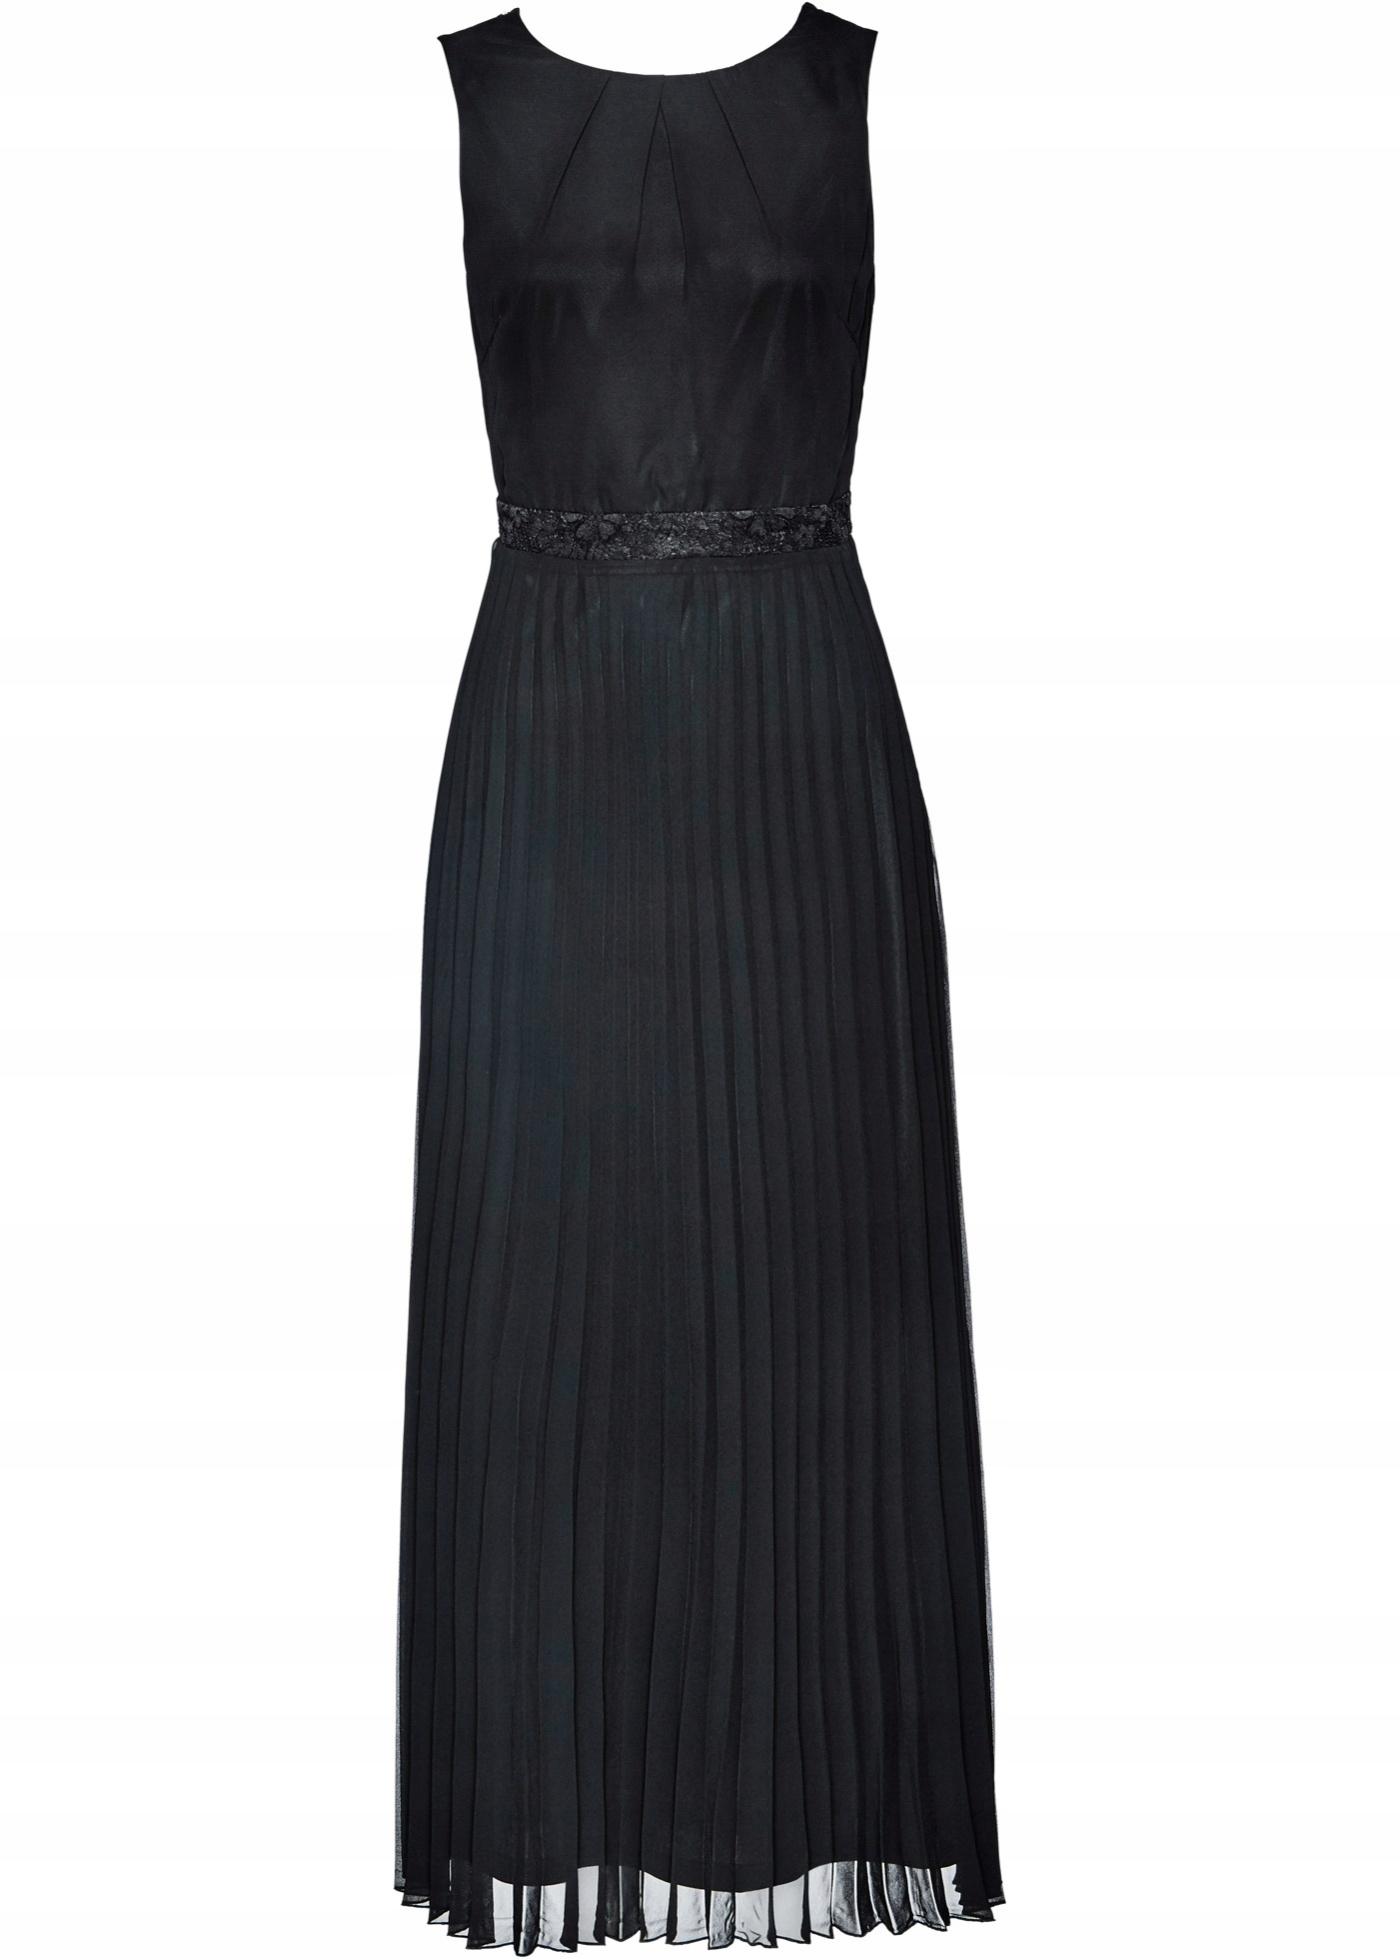 f0b9970977cfaa N371 BPC Sukienka z plisowaną spódnicą WESELE r.52 - 7614746559 ...